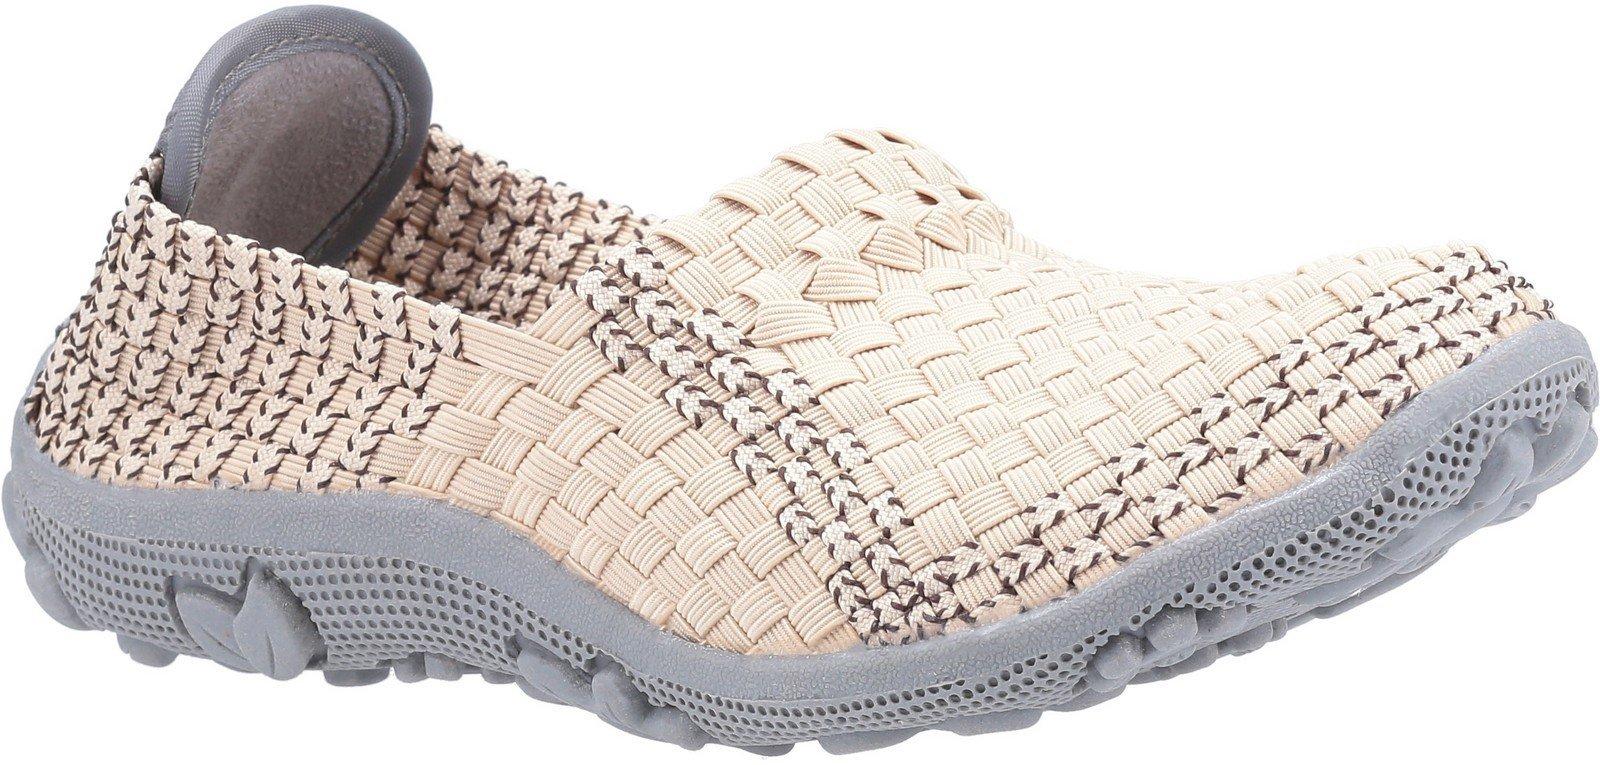 Fleet & Foster Women's Freida Slip On Sandal Various Colours 30118-51139 - Beige 3